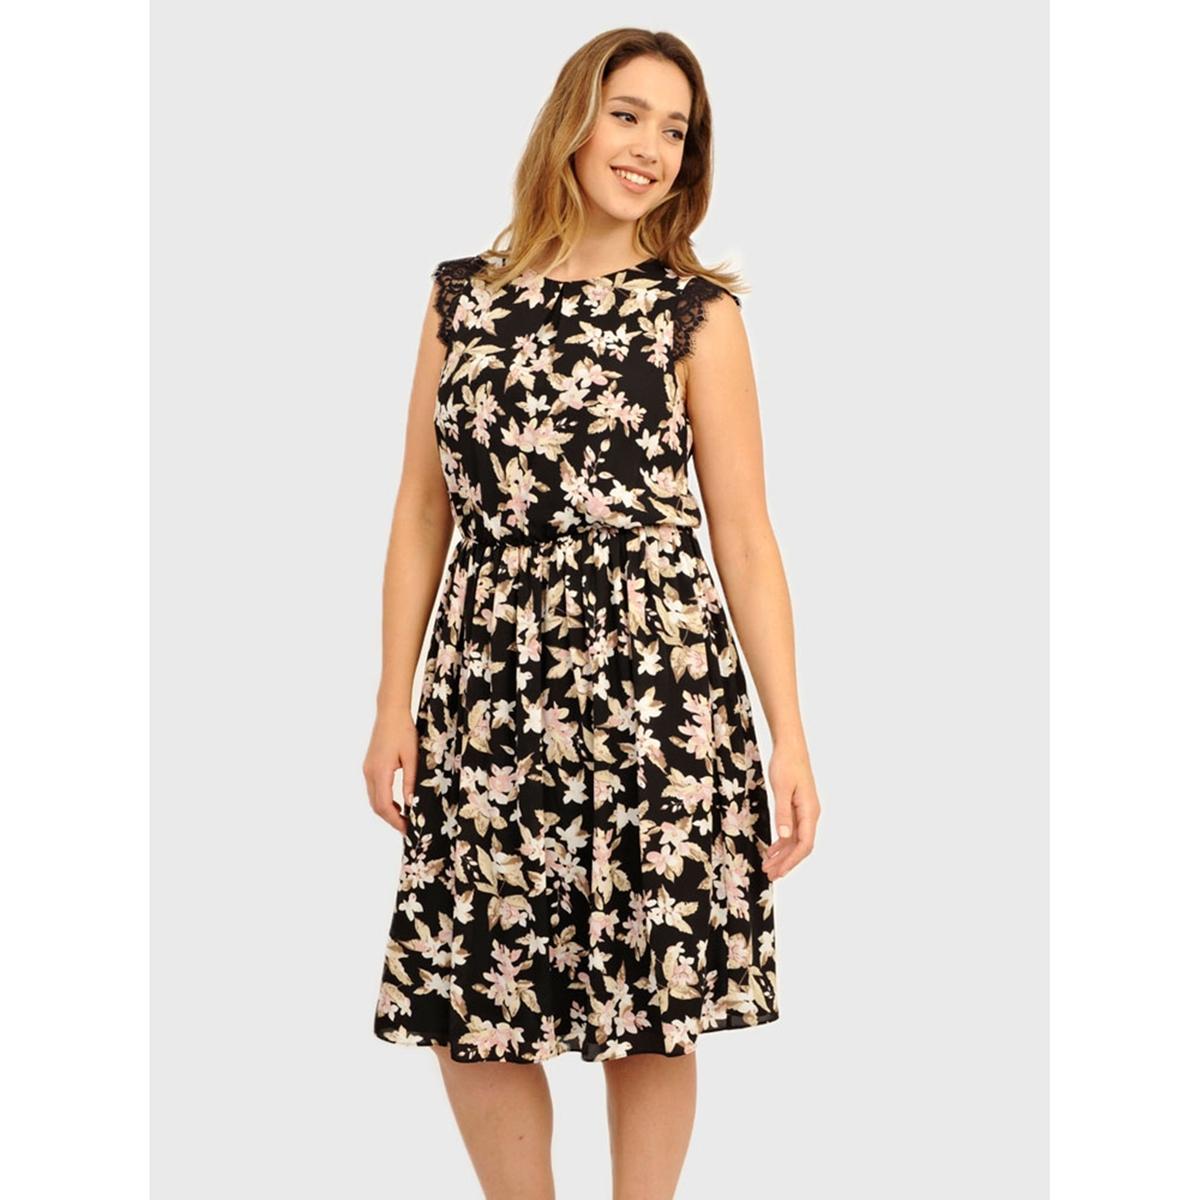 ПлатьеПлатье без рукавов KOKO BY KOKO. Красивое кружево на плечах и сзади. Длина ок.104 см. 100% полиэстера.<br><br>Цвет: набивной рисунок<br>Размер: 48 (FR) - 54 (RUS)